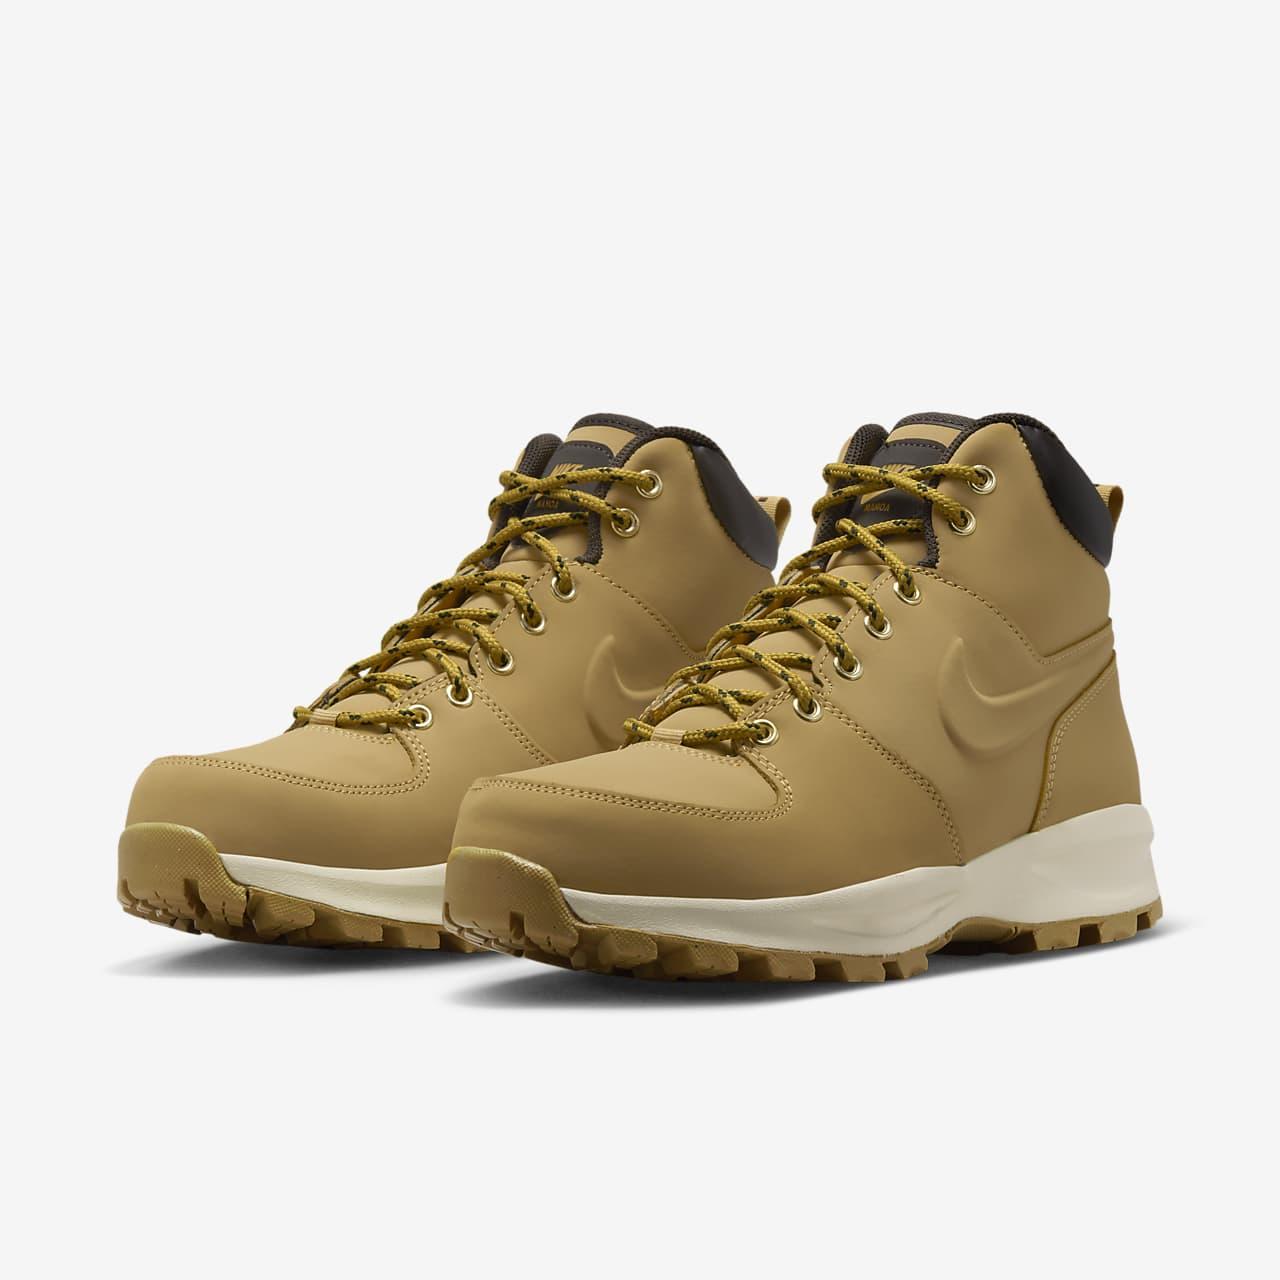 online store 8f63f d6d90 ... Sko Nike Manoa för män